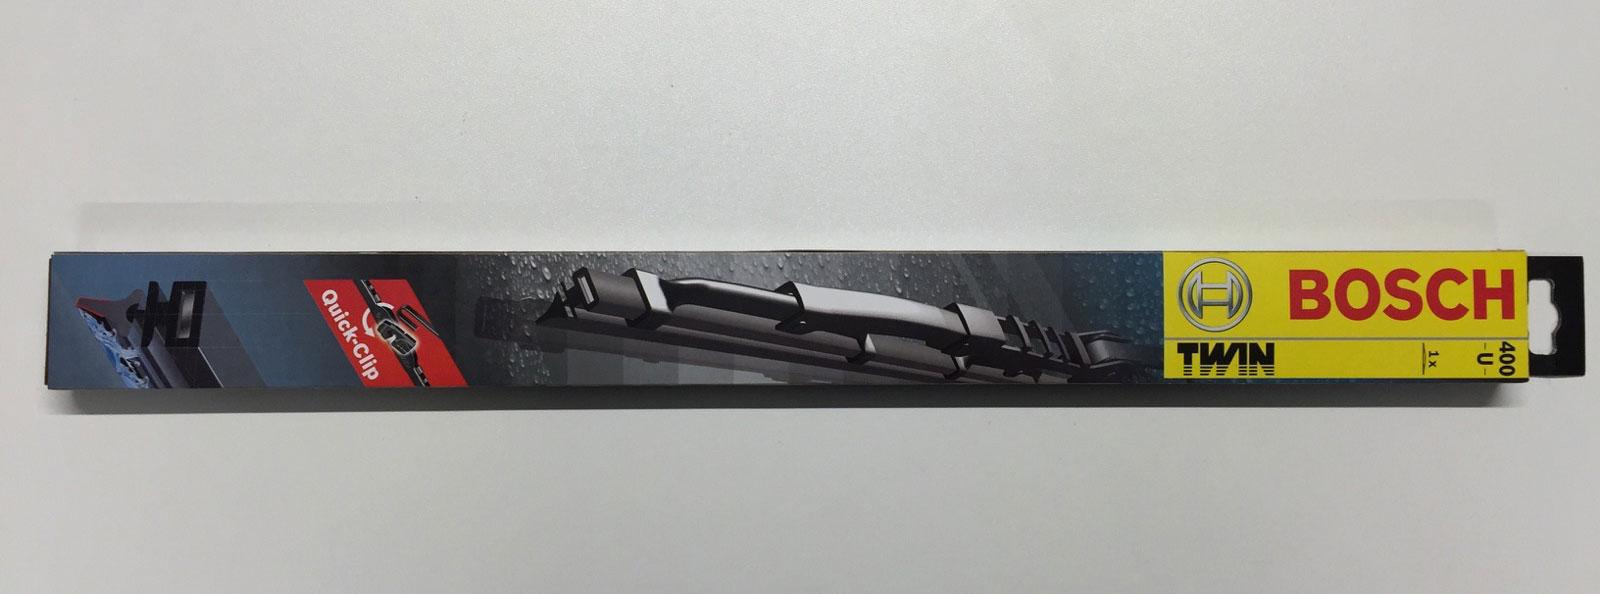 Scheibenwischer / Wischblatt Bosch TWIN 530U Single Bild 1